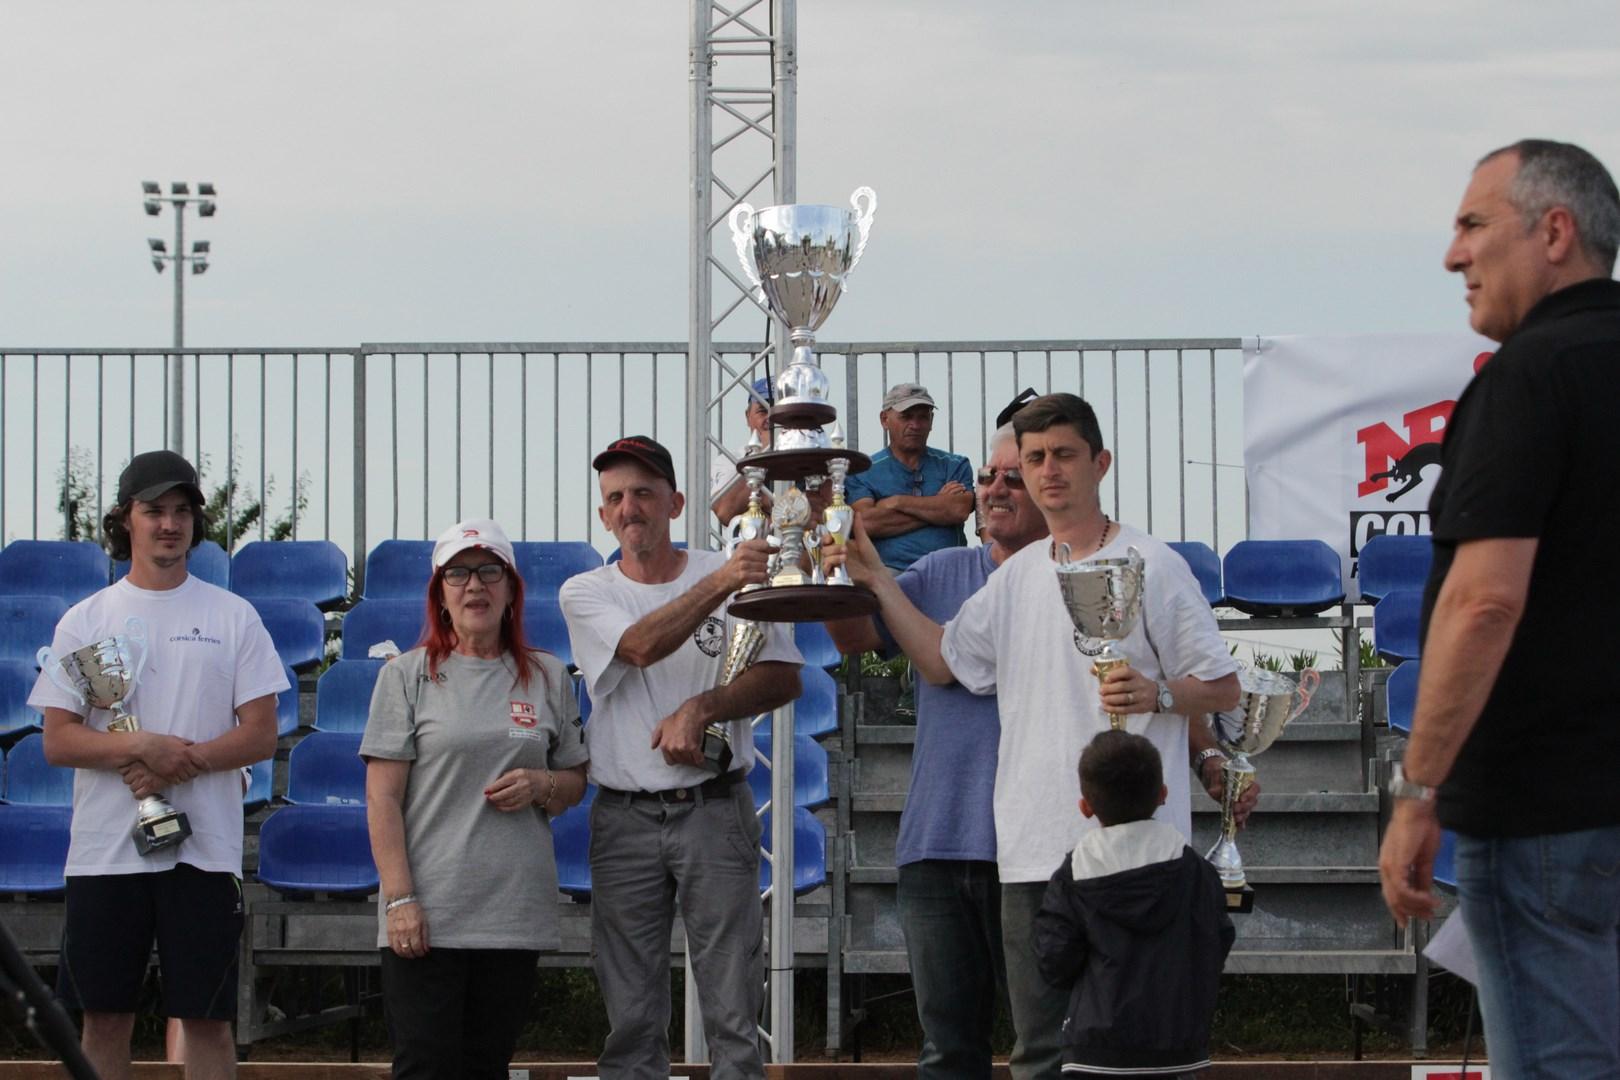 Remise des Trophées, Vendasi 2018